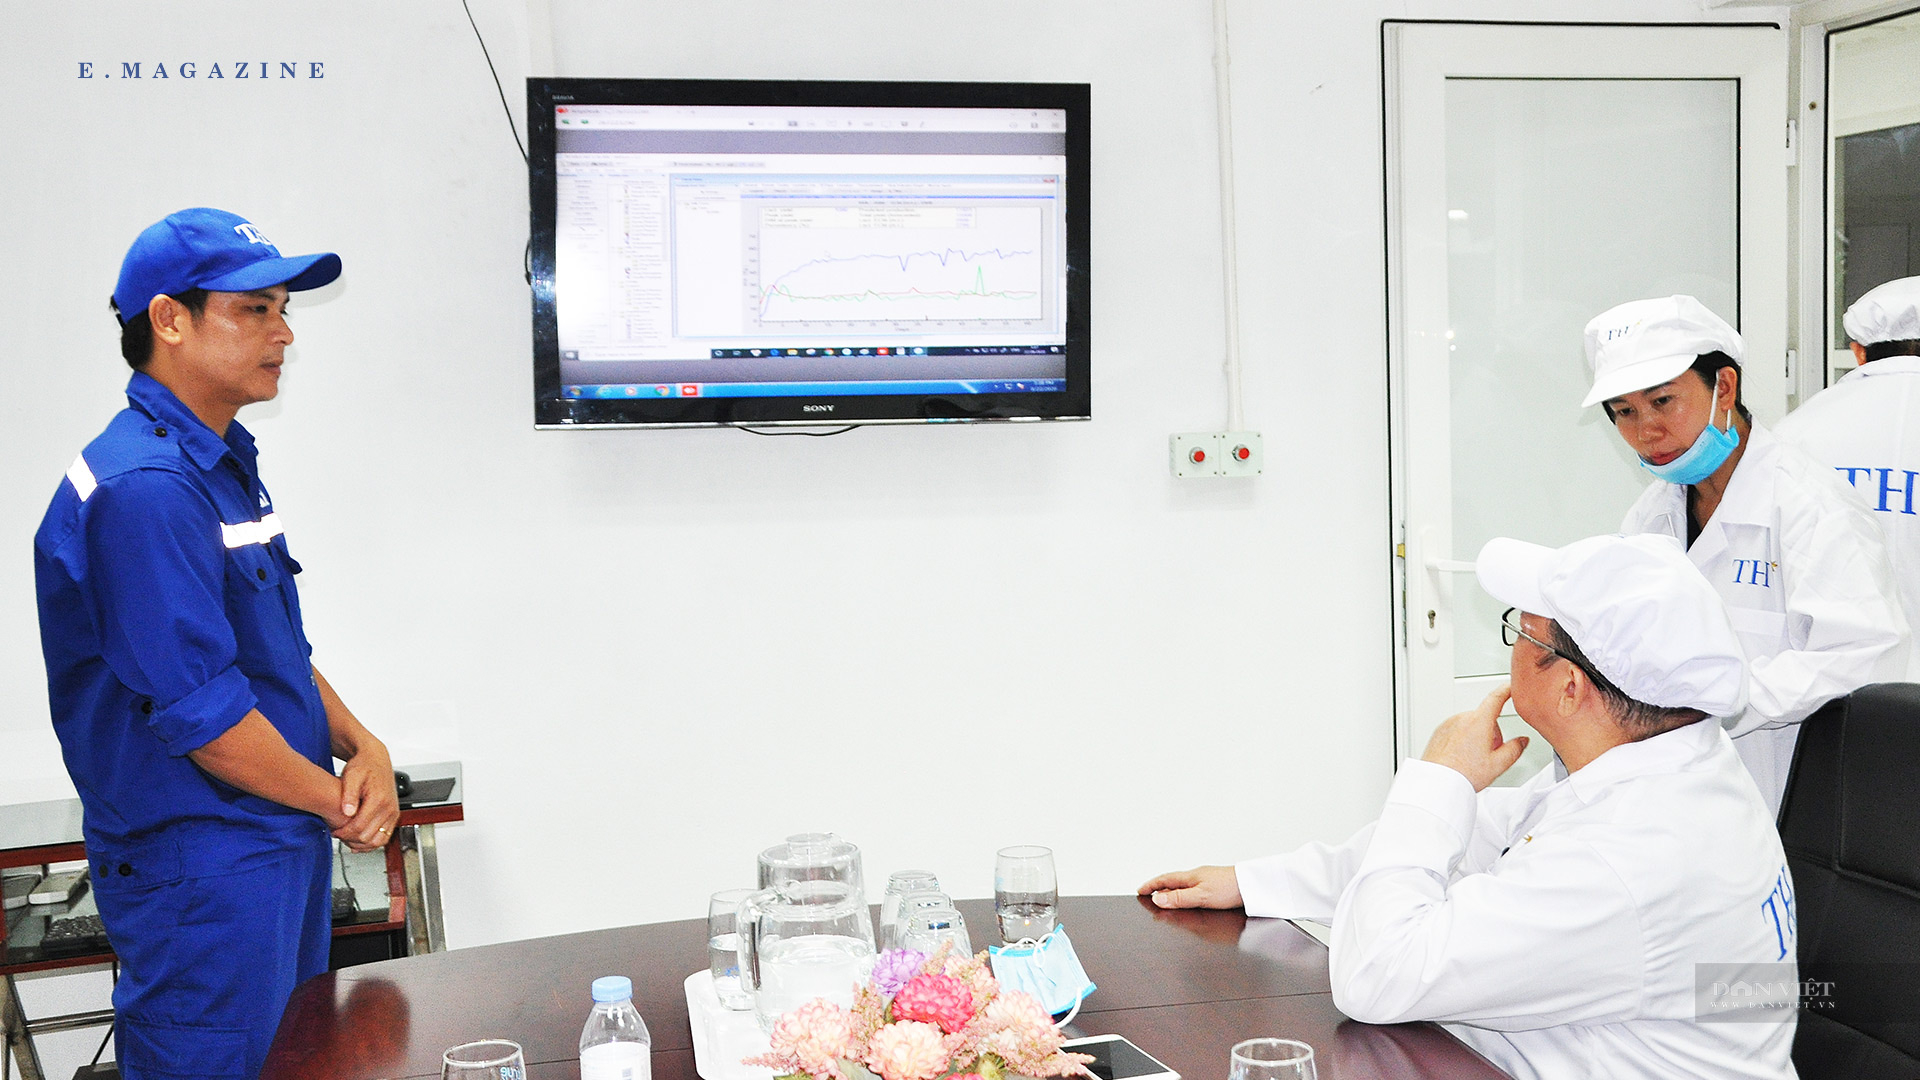 """Chủ tịch Hội Nông dân Việt Nam: Tập đoàn TH như """"chim đại bàng"""" đang vươn cánh ra thế giới - Ảnh 12."""